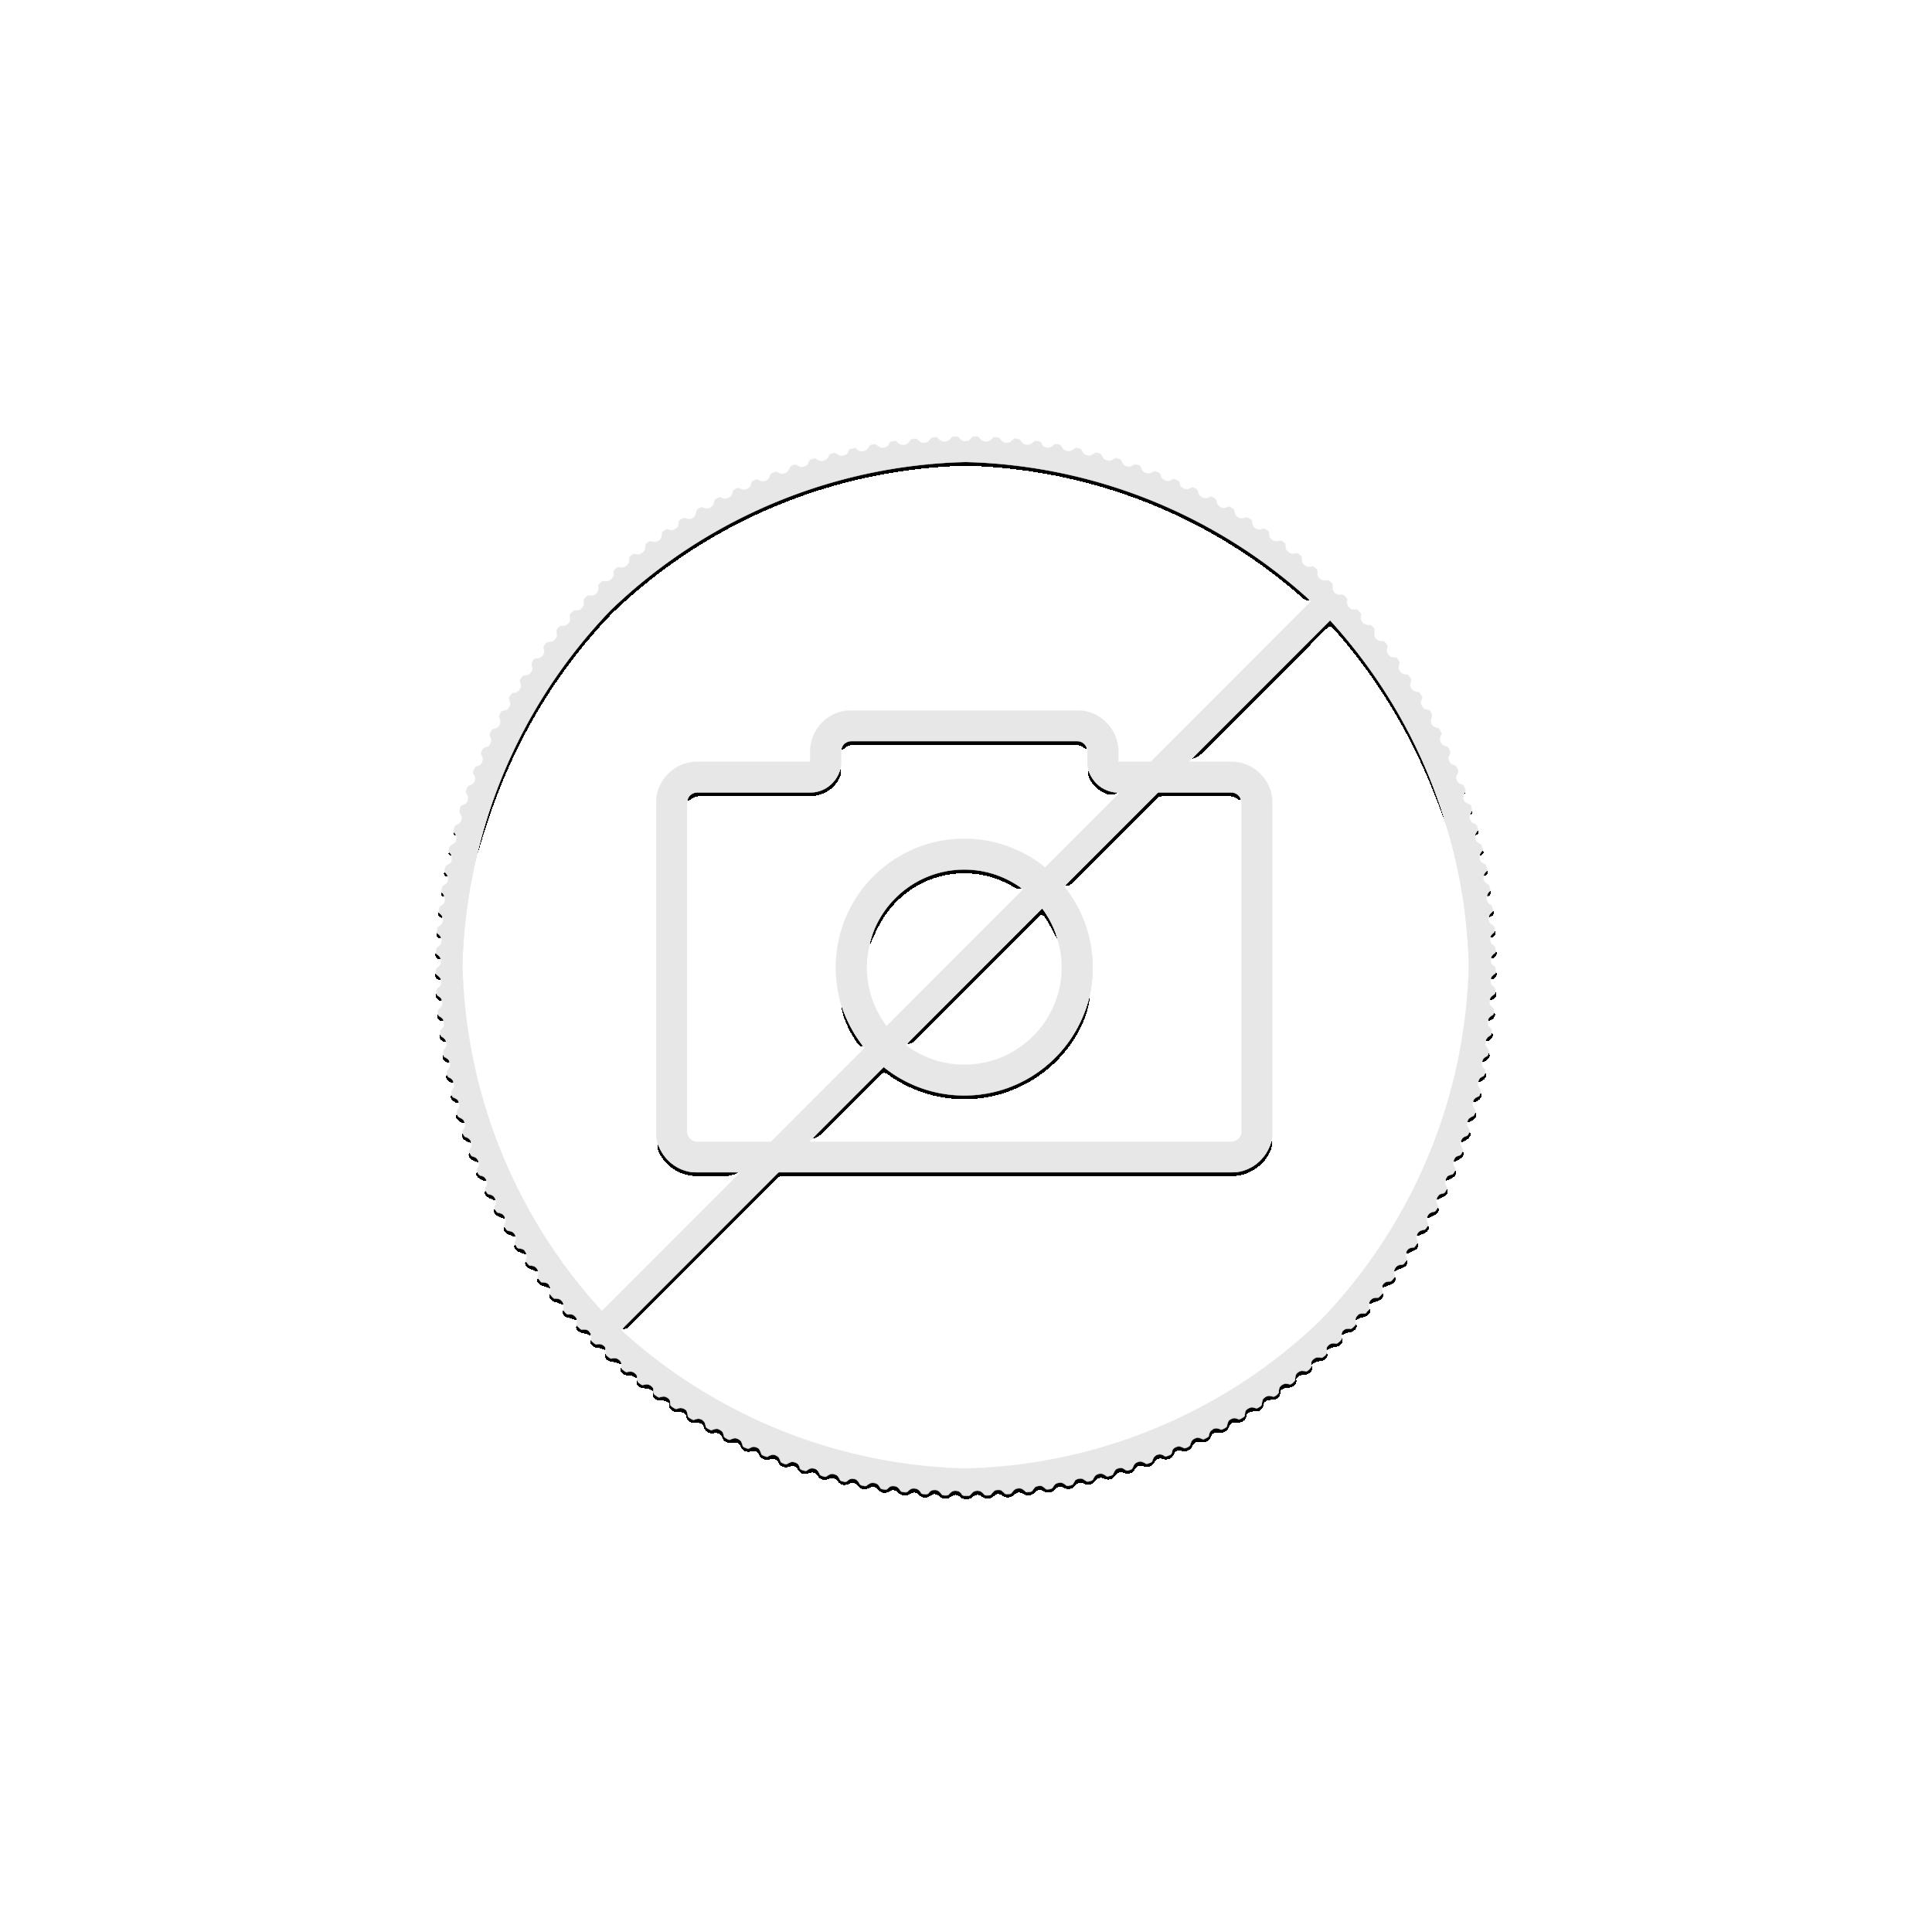 1 Troy ounce silver coin bar Rectangular Dragon 2020